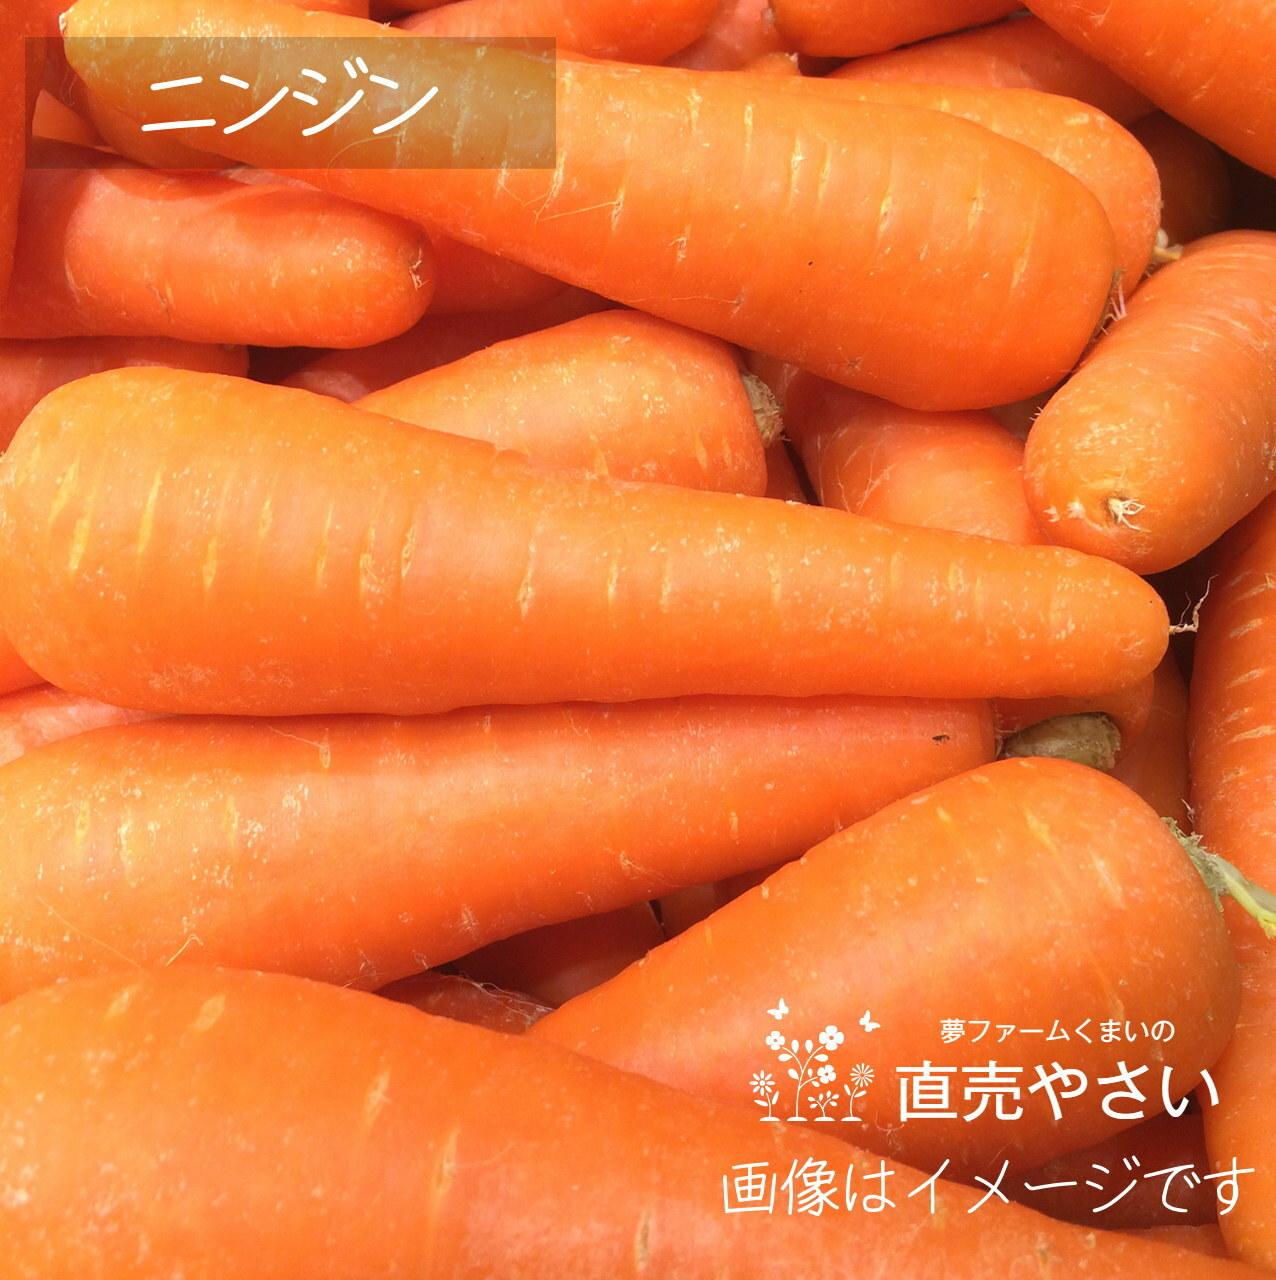 新鮮な秋野菜 : ニンジン 約300g 11月の朝採り直売野菜 11月16日発送予定